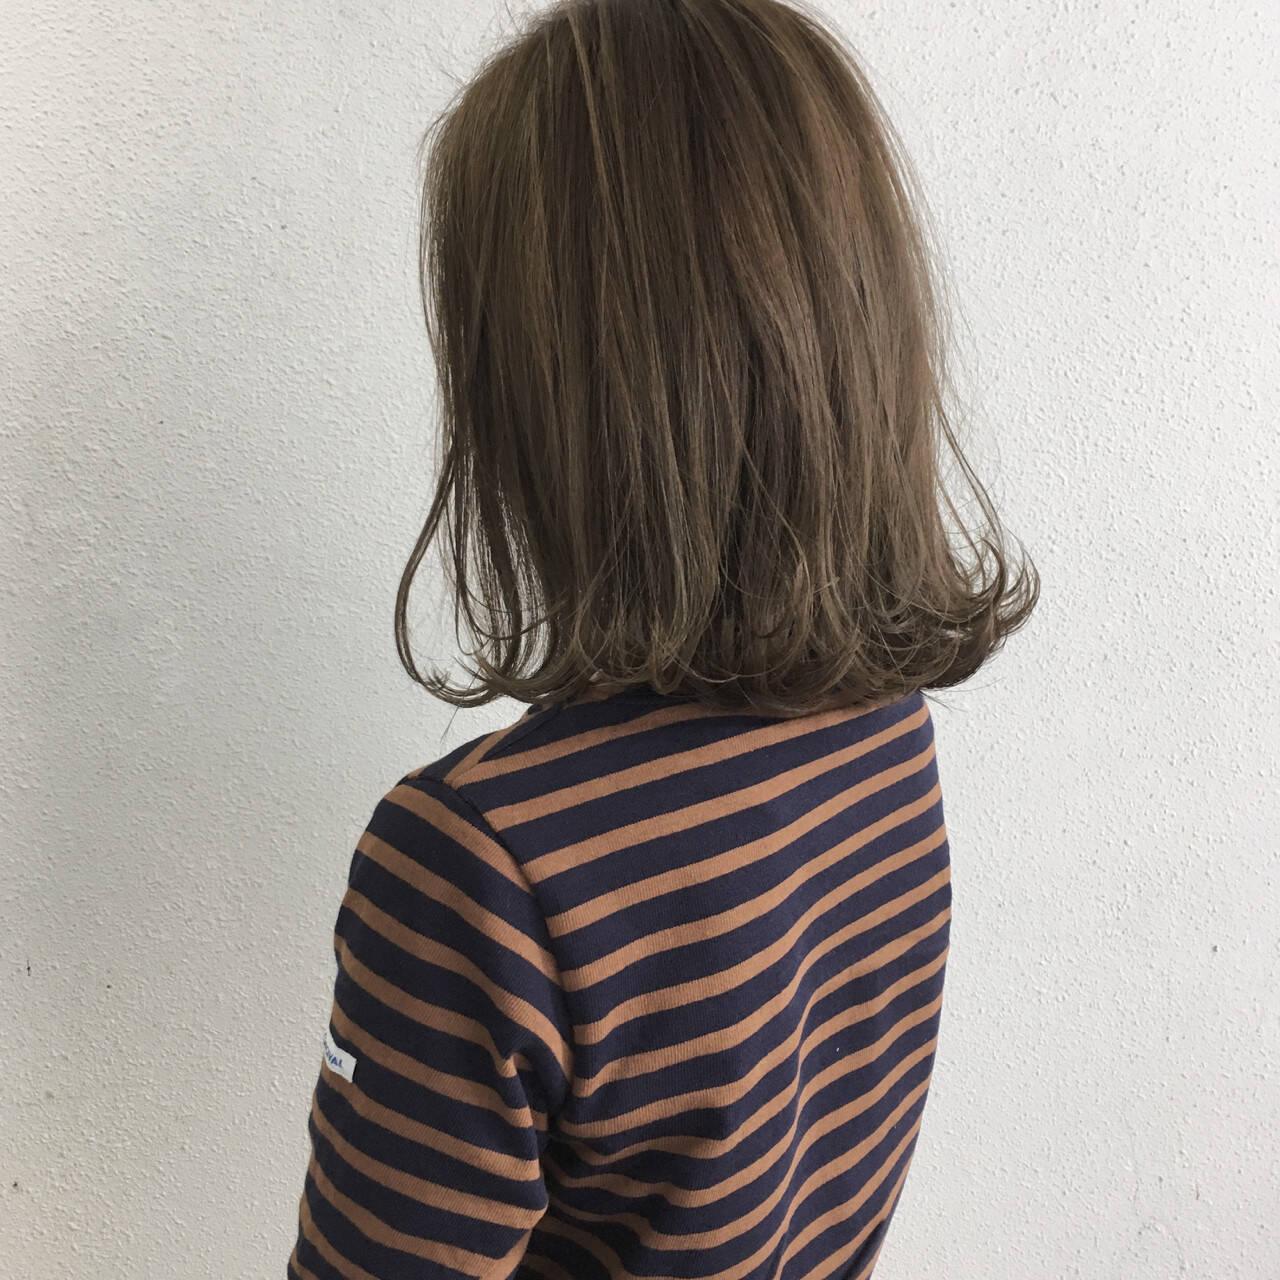 ミディアム 切りっぱなし 外ハネ ロブヘアスタイルや髪型の写真・画像